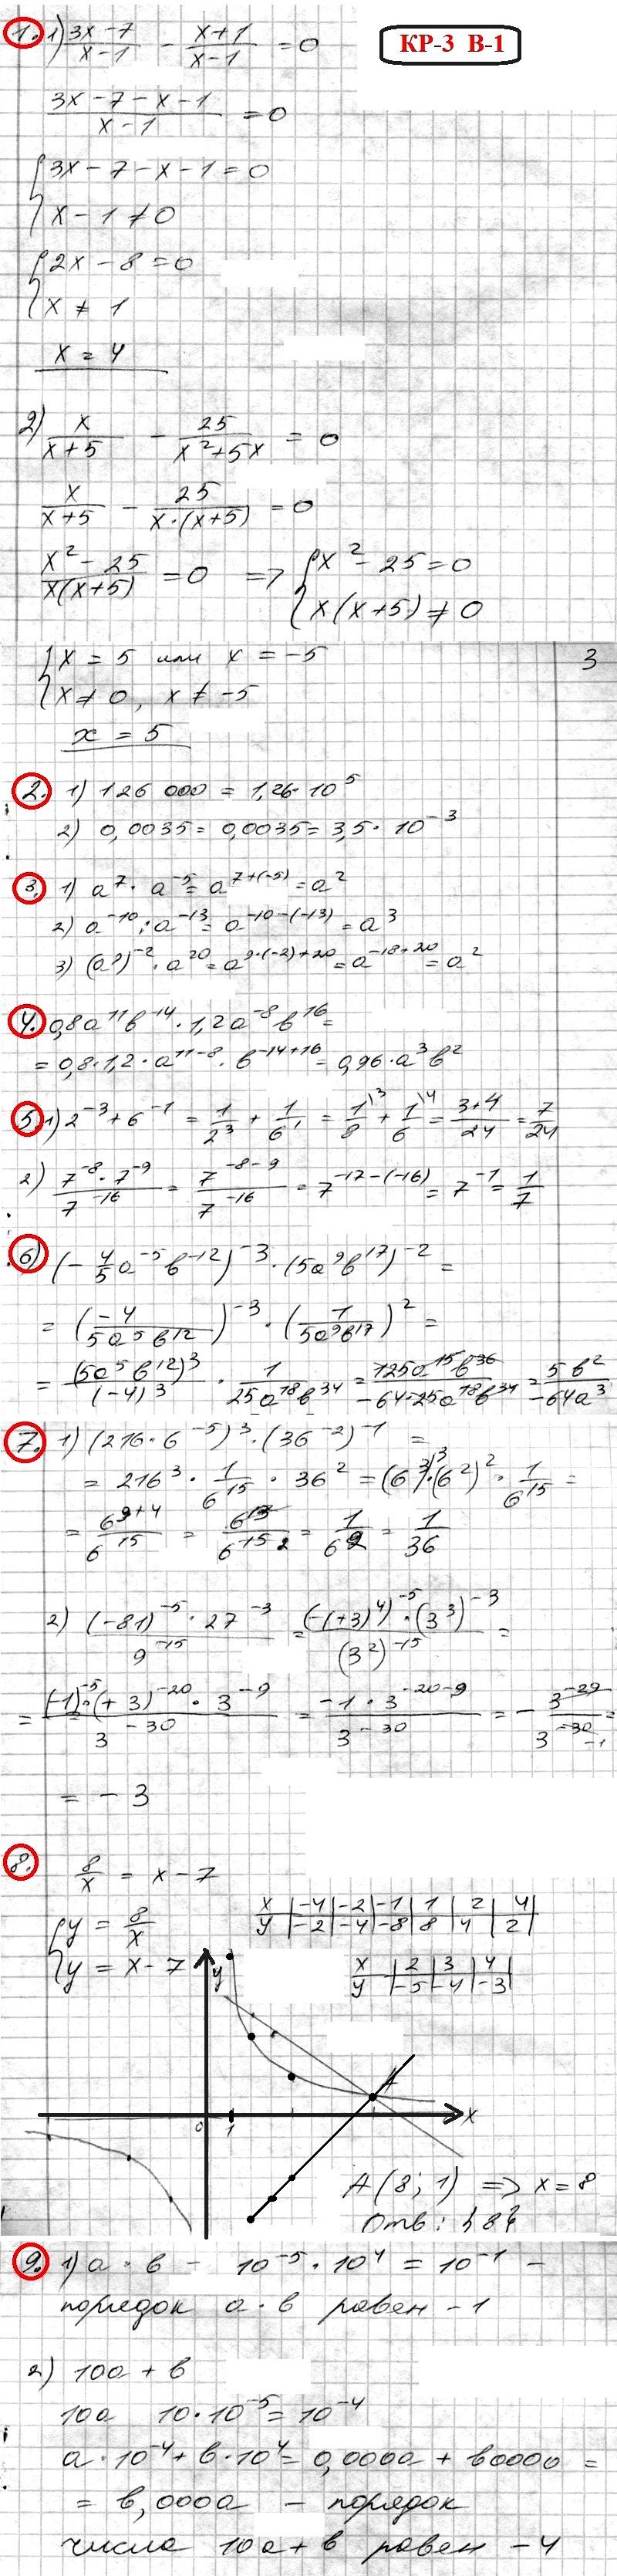 ОТВЕТЫ на КР-3 Алгебра 8 Мерзляк. Вариант 1